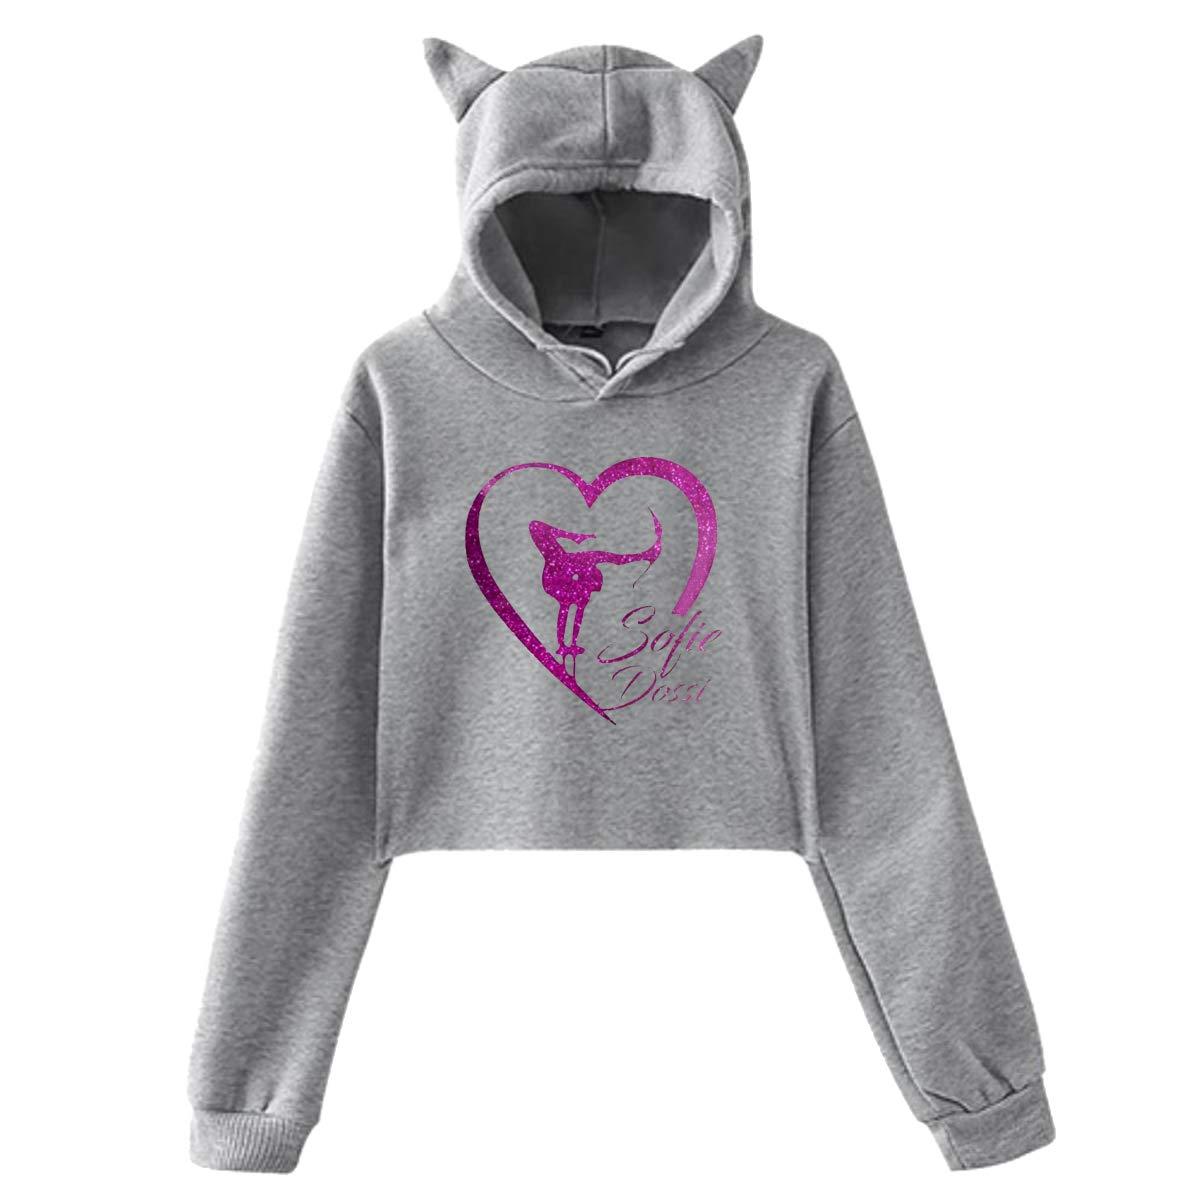 Gwendolyner Sofie Dossi Girl Cute Cat Ear Hoodie Sweater Lumbar Hooded Sweatshirt Black